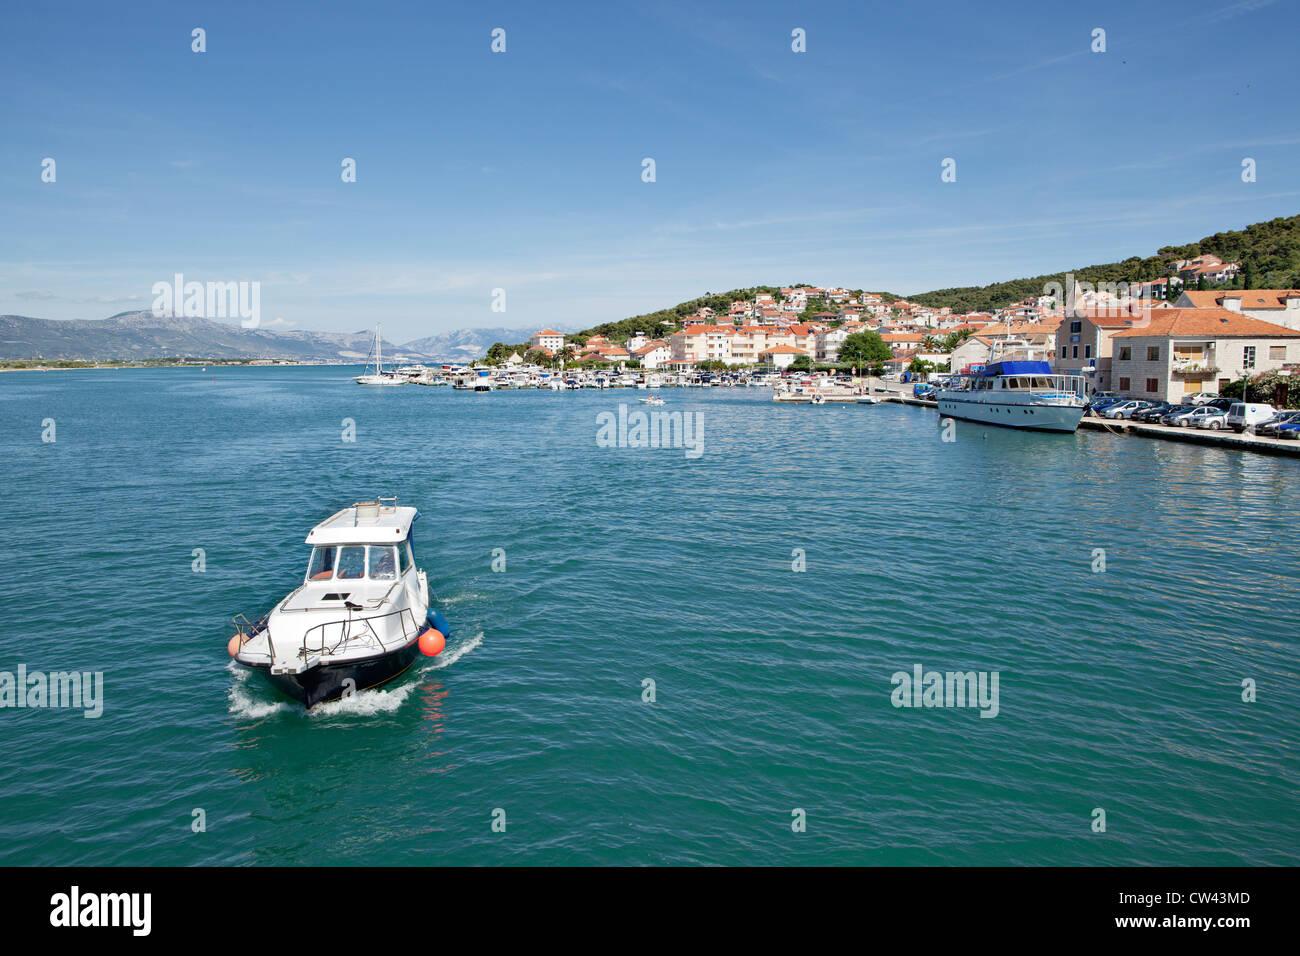 Motorboat near Trogir, Dalmatia, Croatia - Stock Image